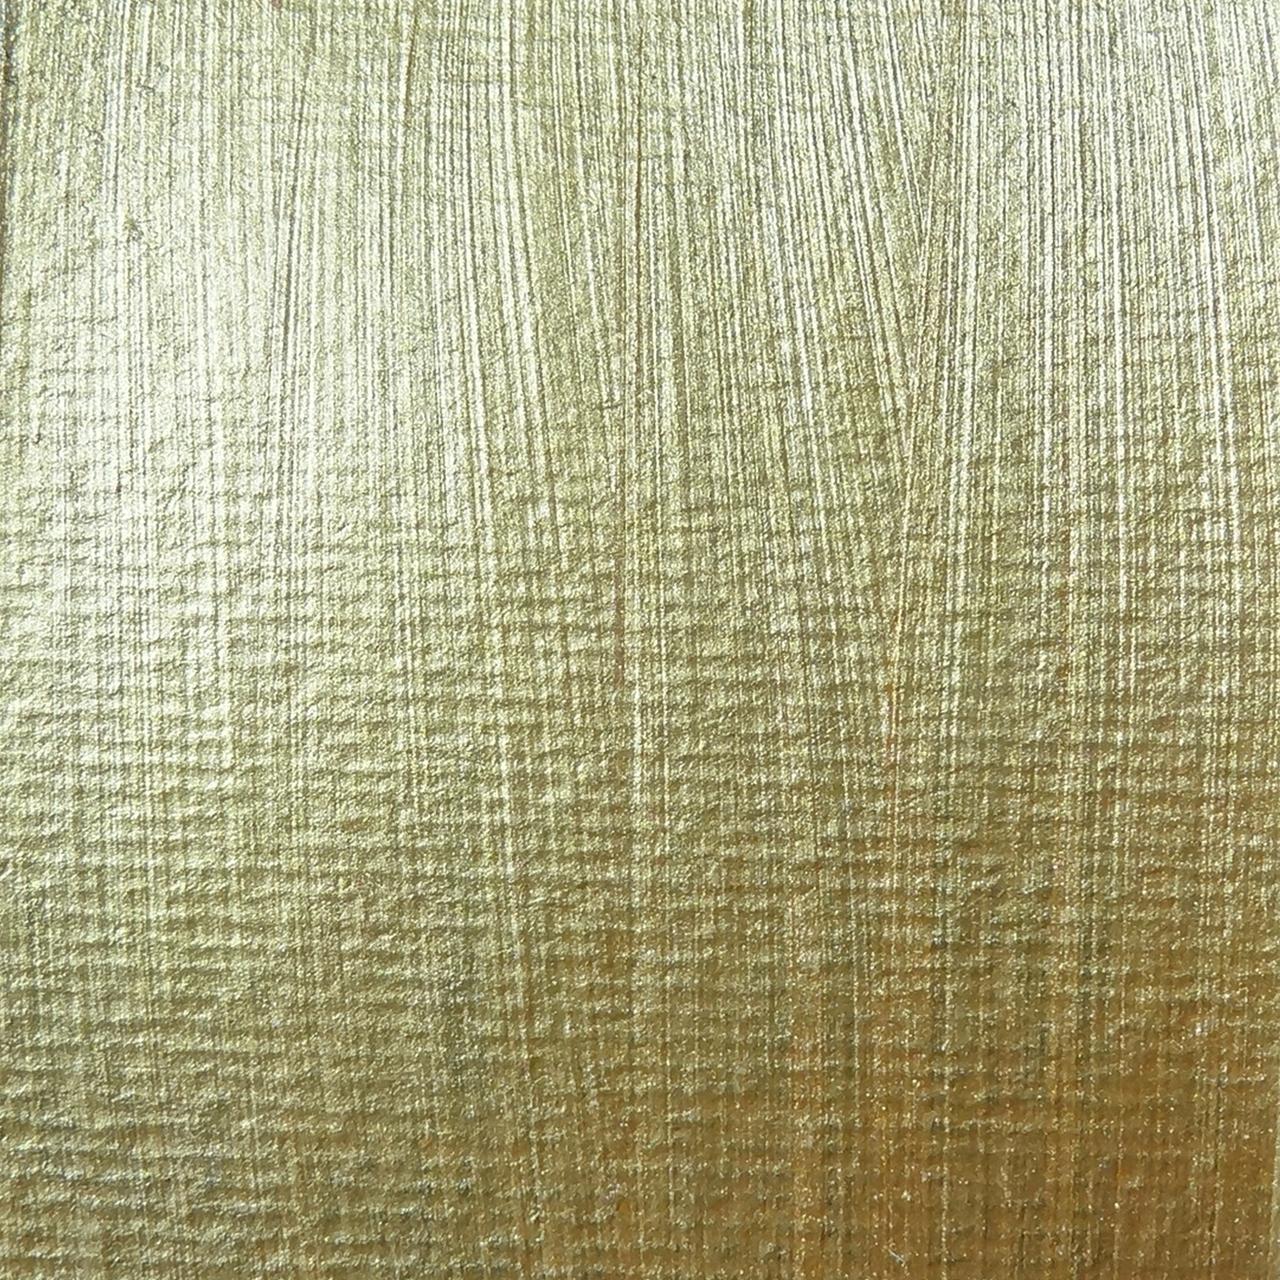 Декоративная краска, Pearl and Metallic, бриллиант в золоте, 50 мл, ScrapEgo